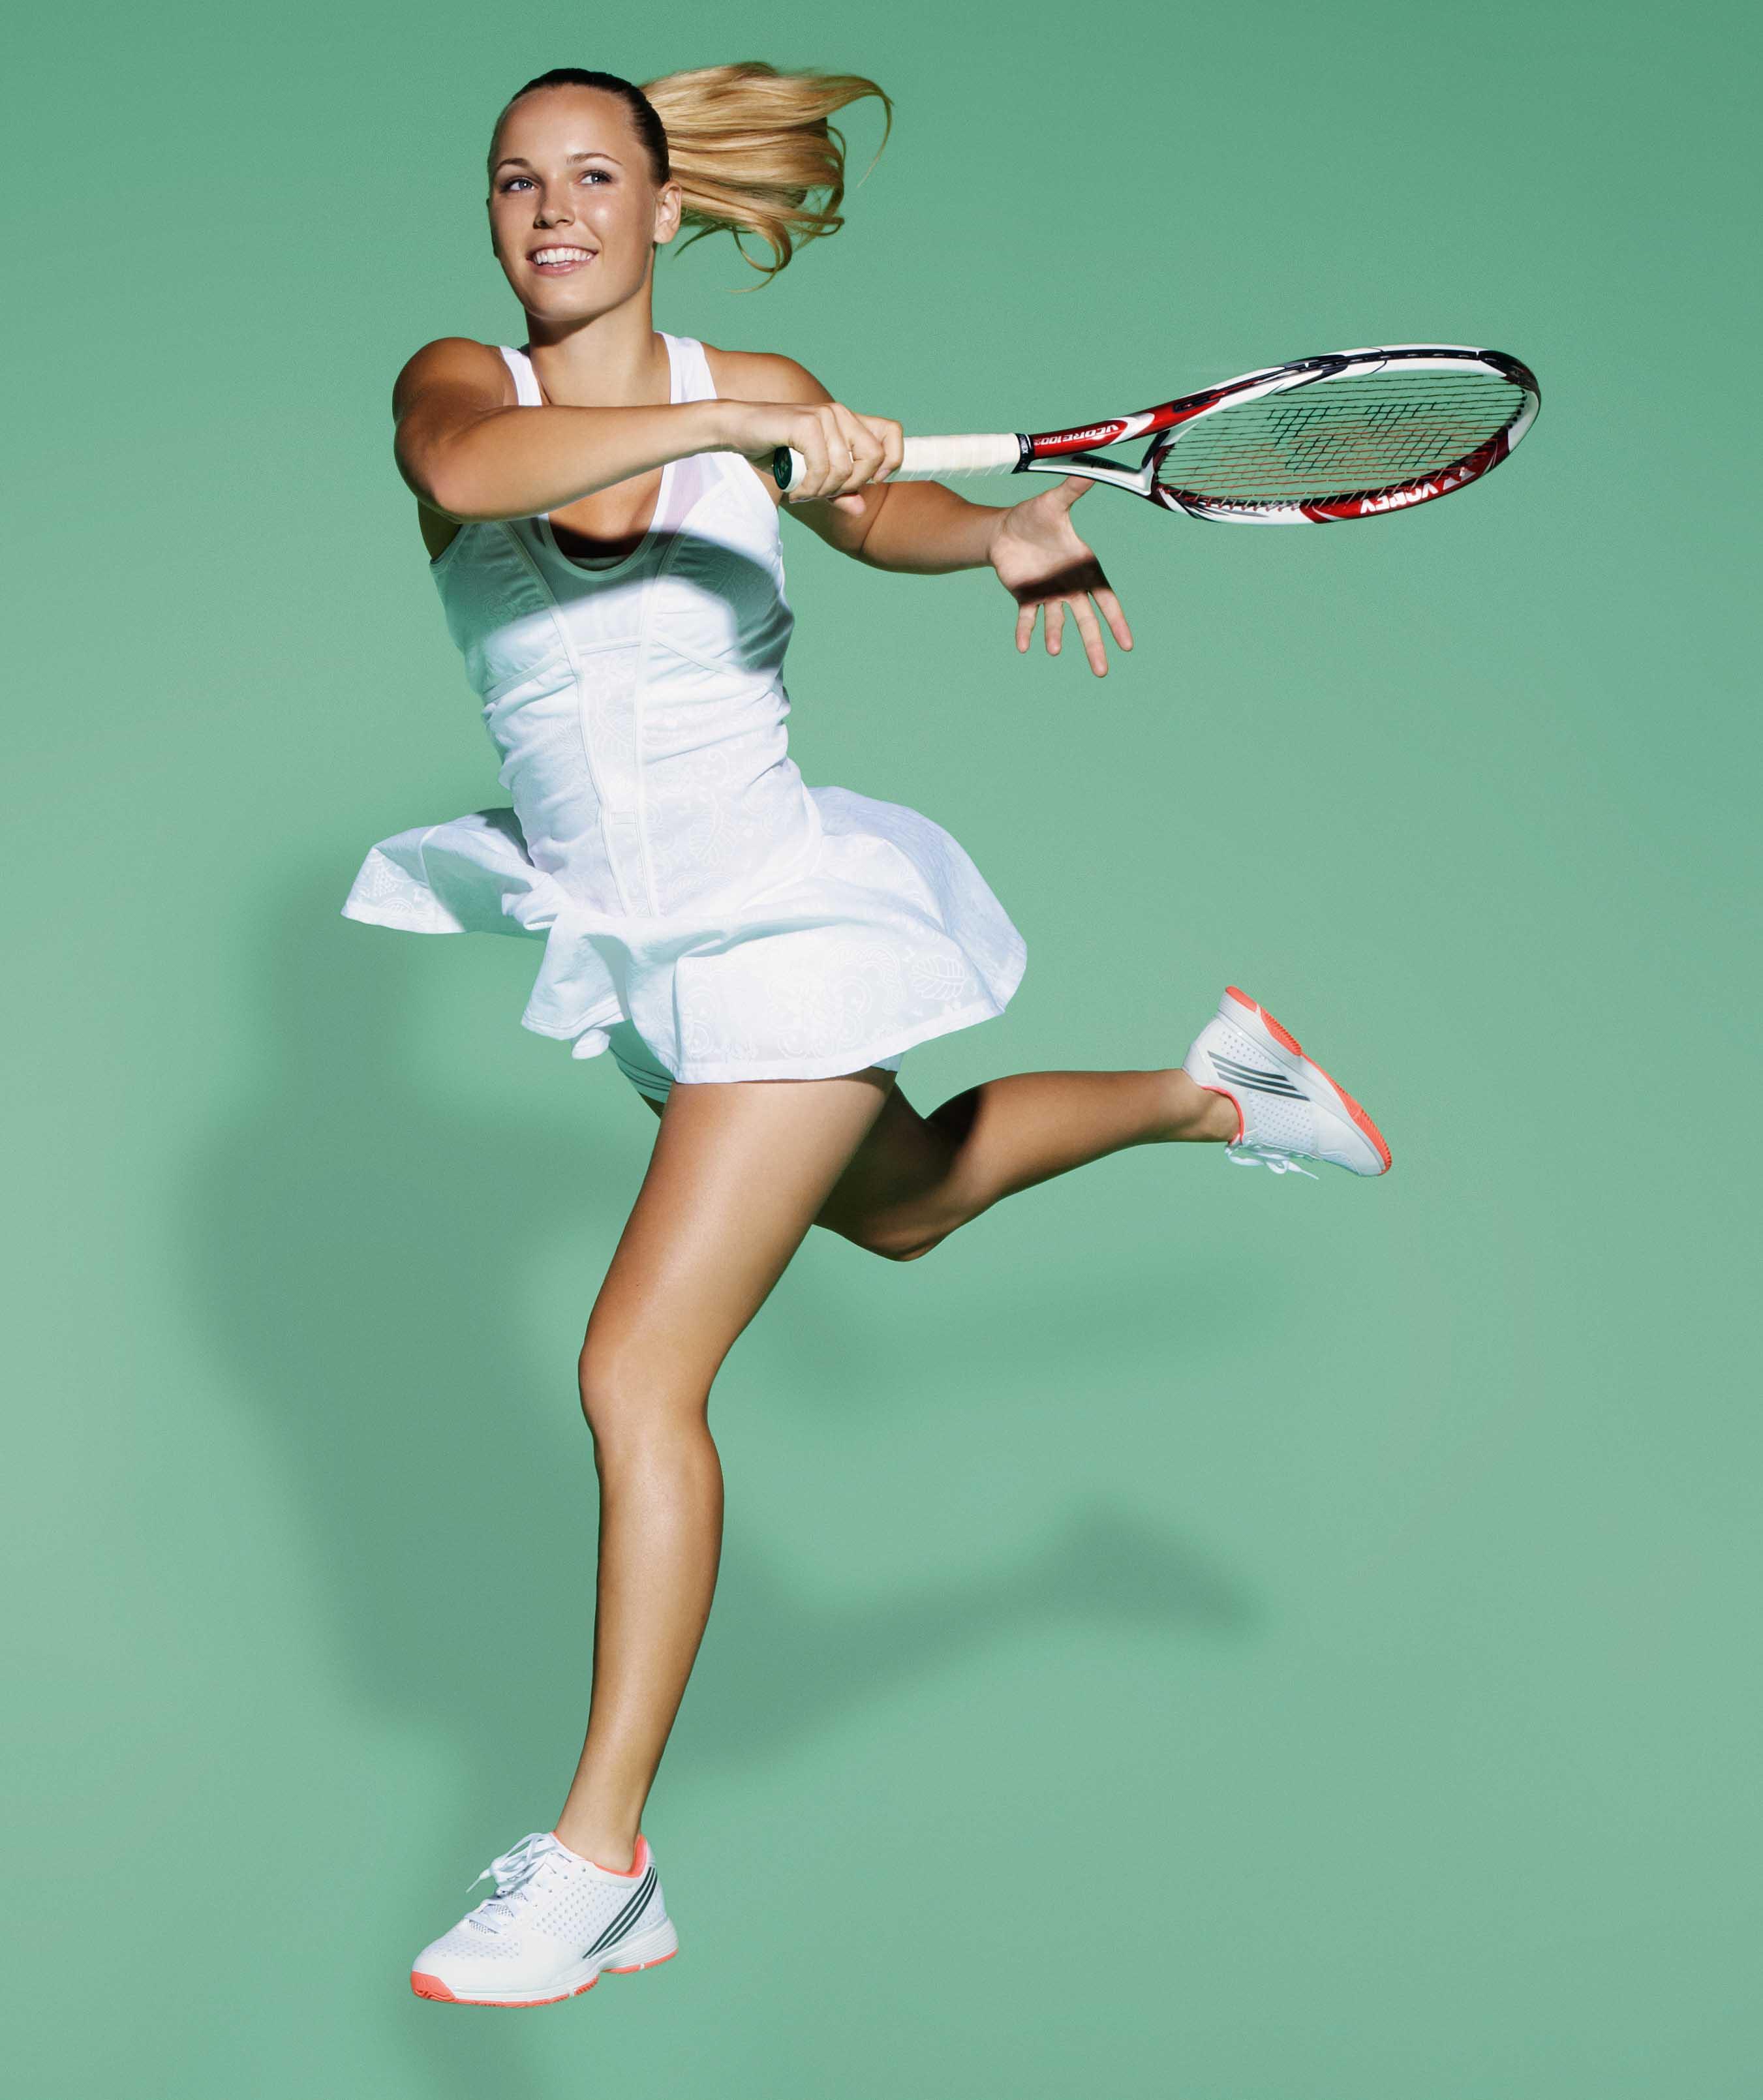 Celebritys Trend: Caroline Wozniacki hottest Photos 2012